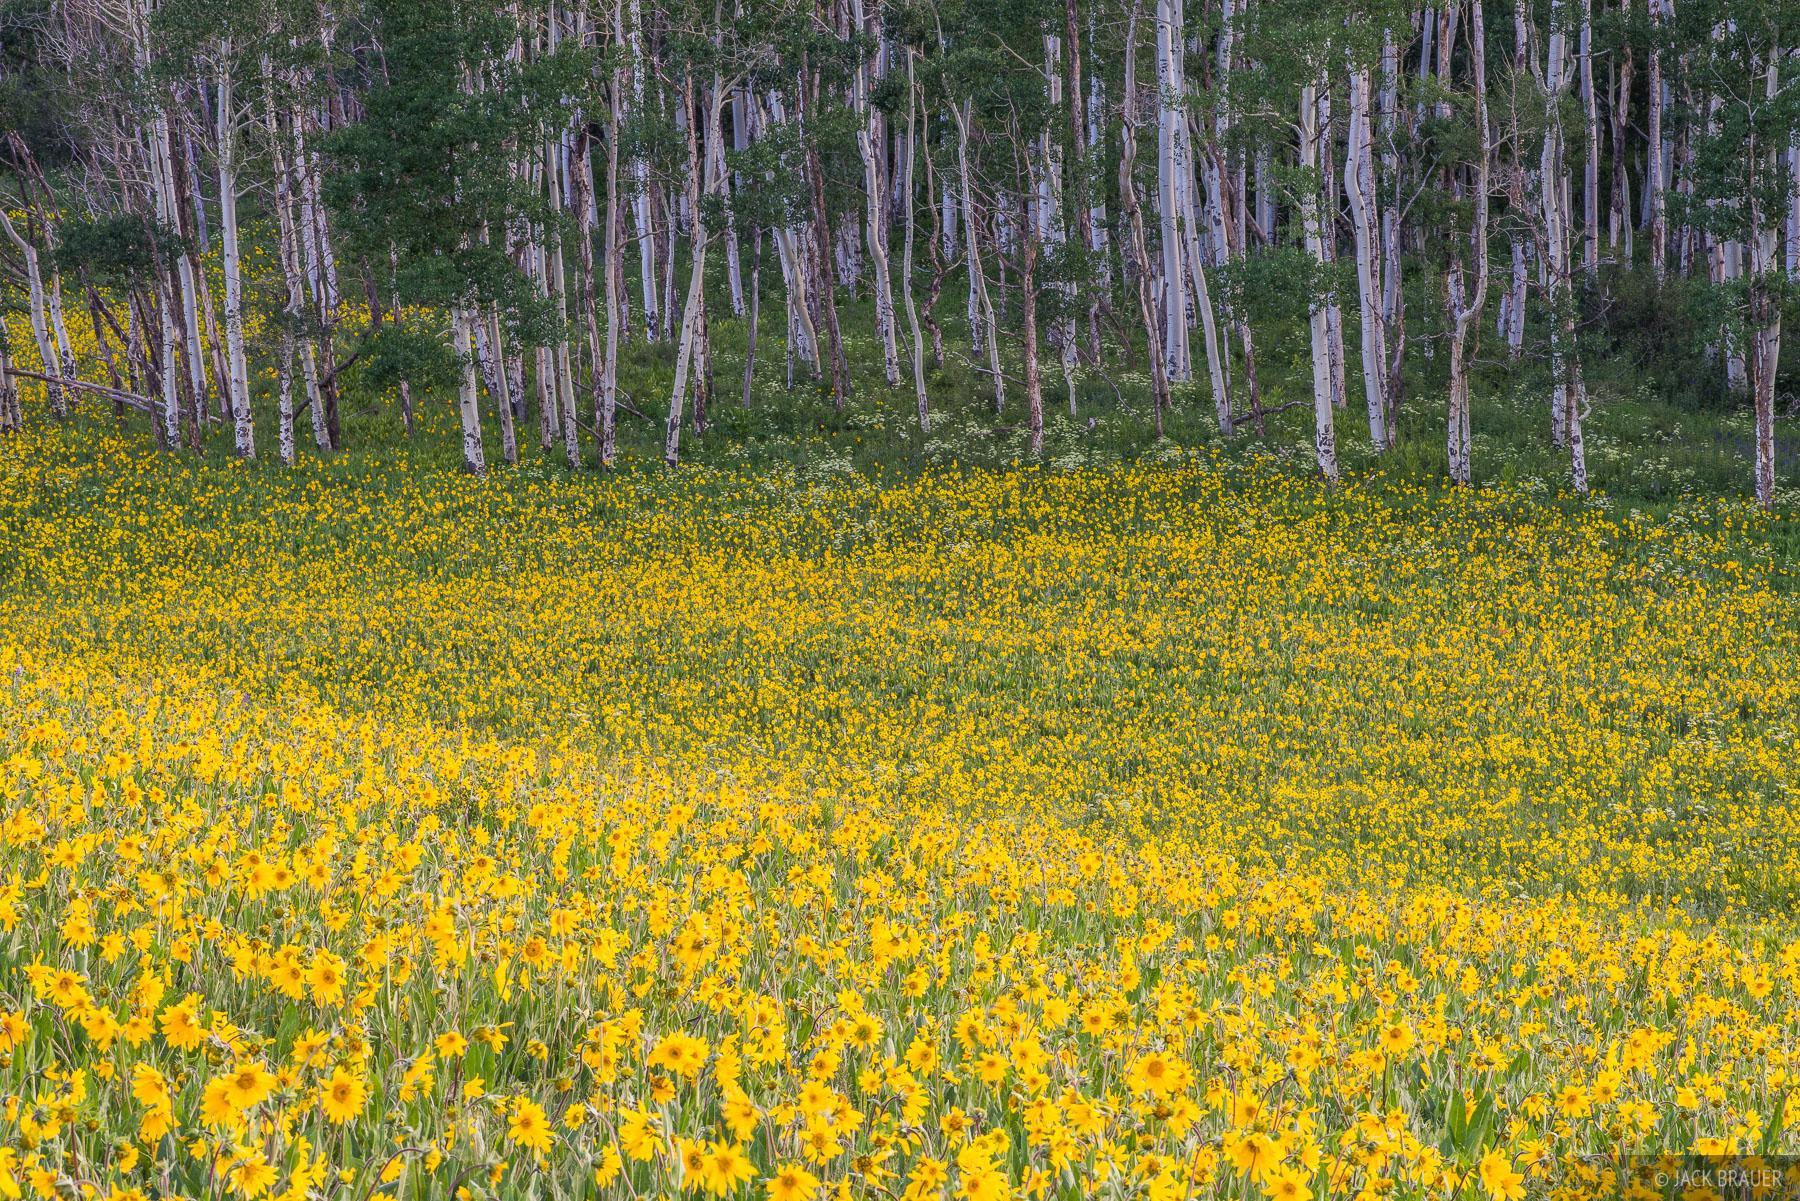 Colorado,San Juan Mountains,wildflowers, photo